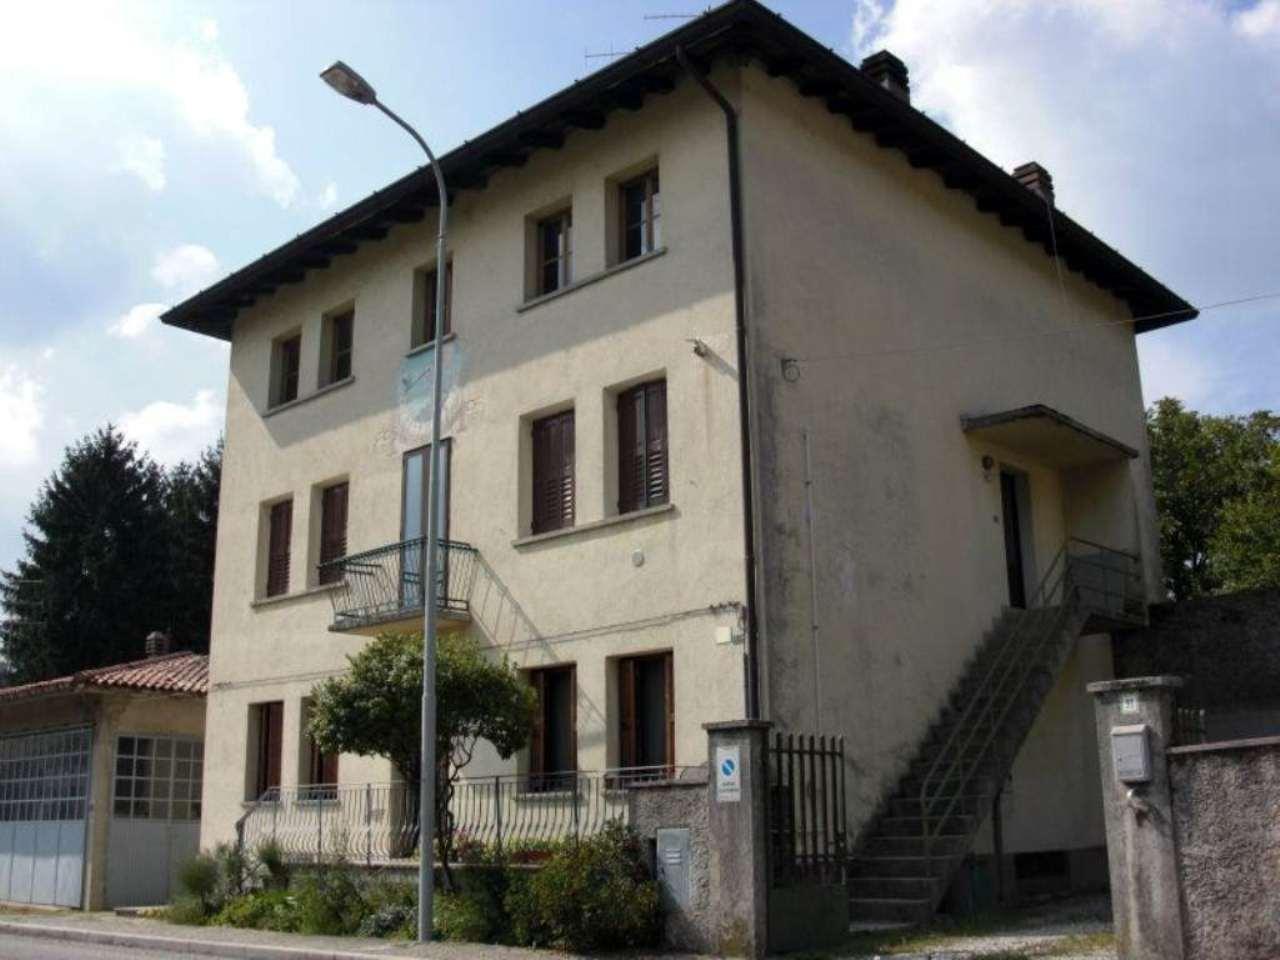 Appartamento in vendita a Attimis, 4 locali, prezzo € 95.000 | Cambio Casa.it